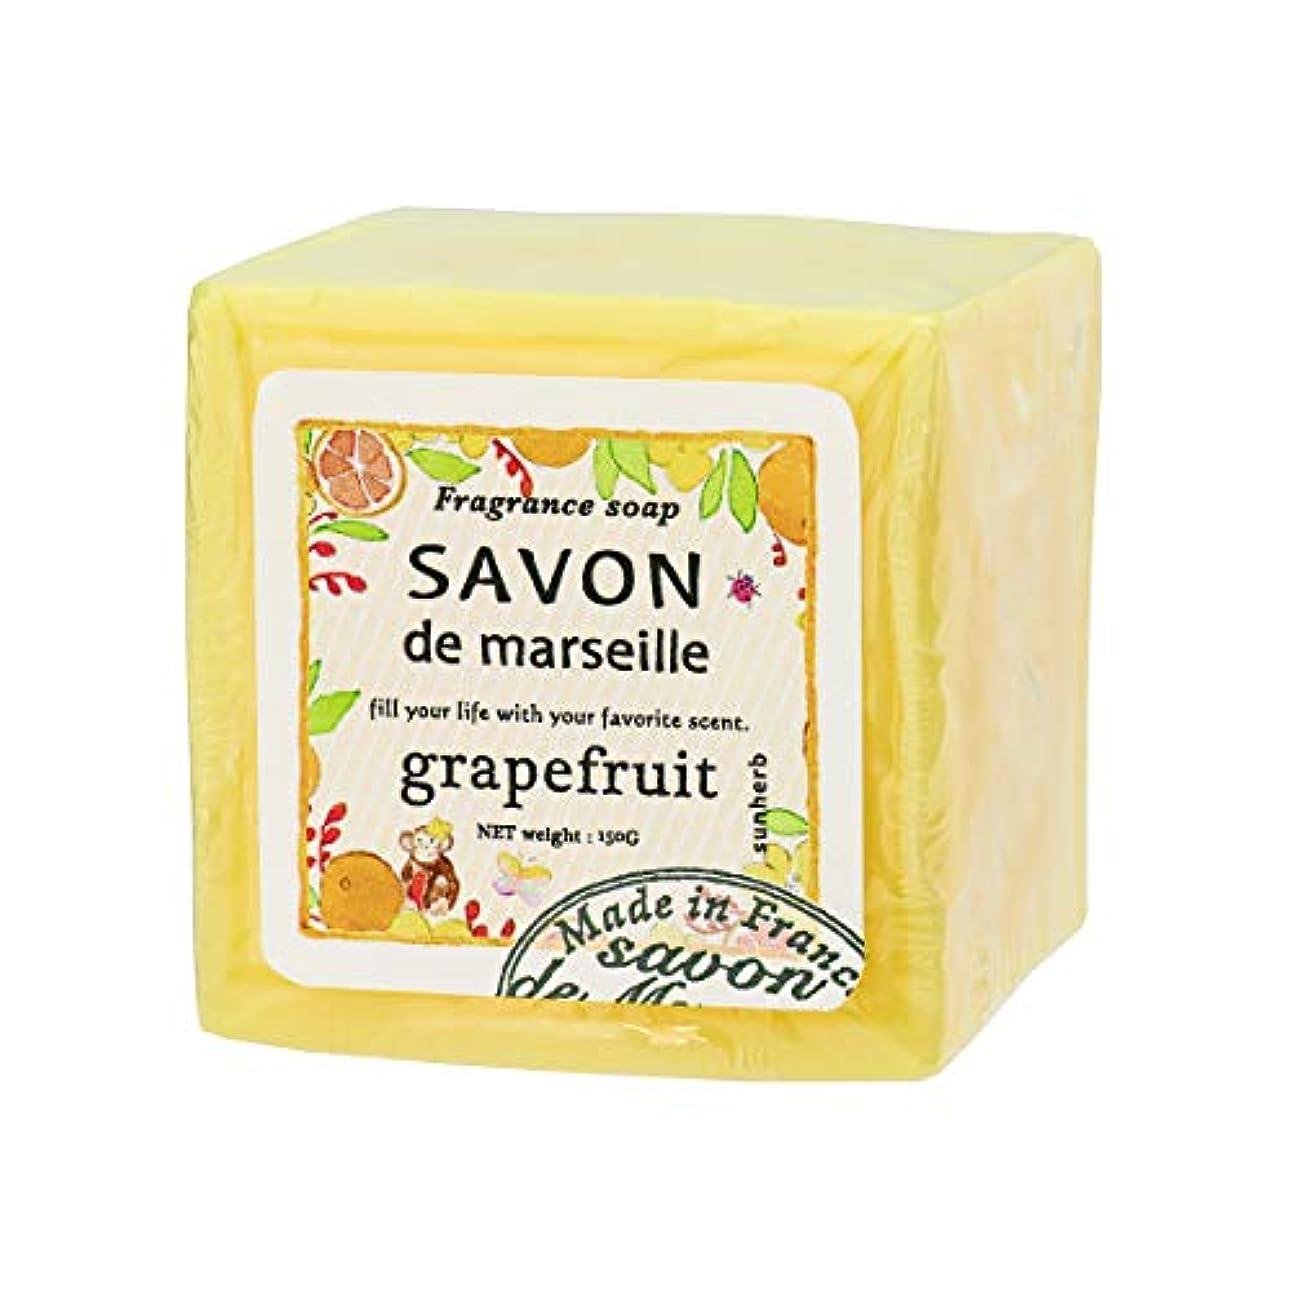 サンハーブ マルセイユ石けん グレープフルーツ 150g(全身用洗浄料 ソープ フランス製 シャキっとまぶしい柑橘系の香り)